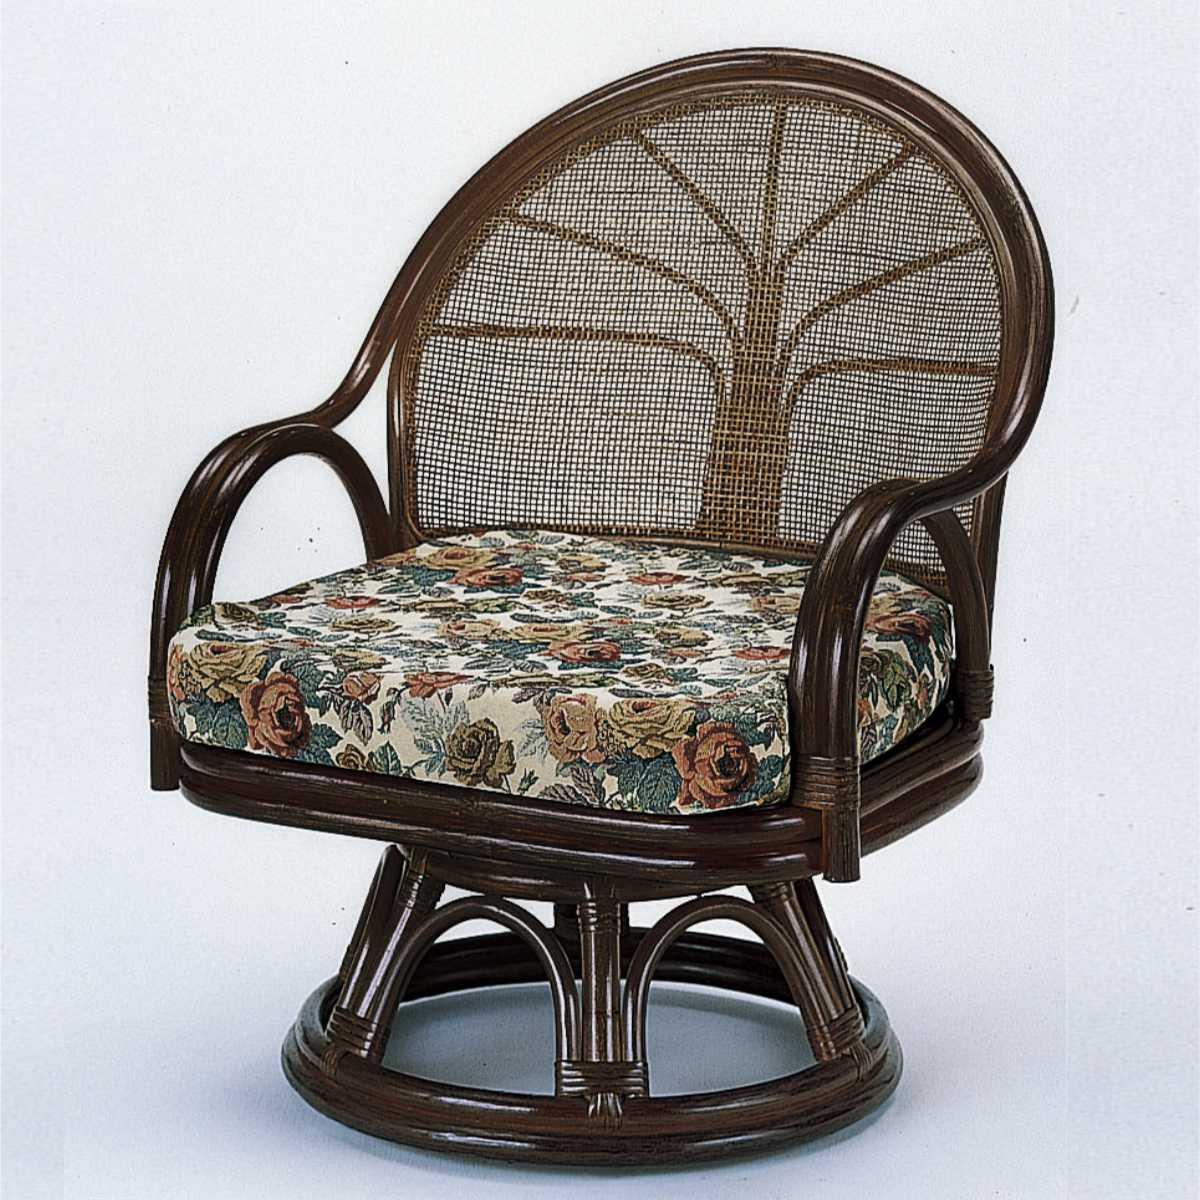 籐〔ラタン〕 回転座椅子 ワイド ( アジアン リラックスチェア イス 座いす チェア ソファ 1人掛け 幅広 籐製 天然素材 )